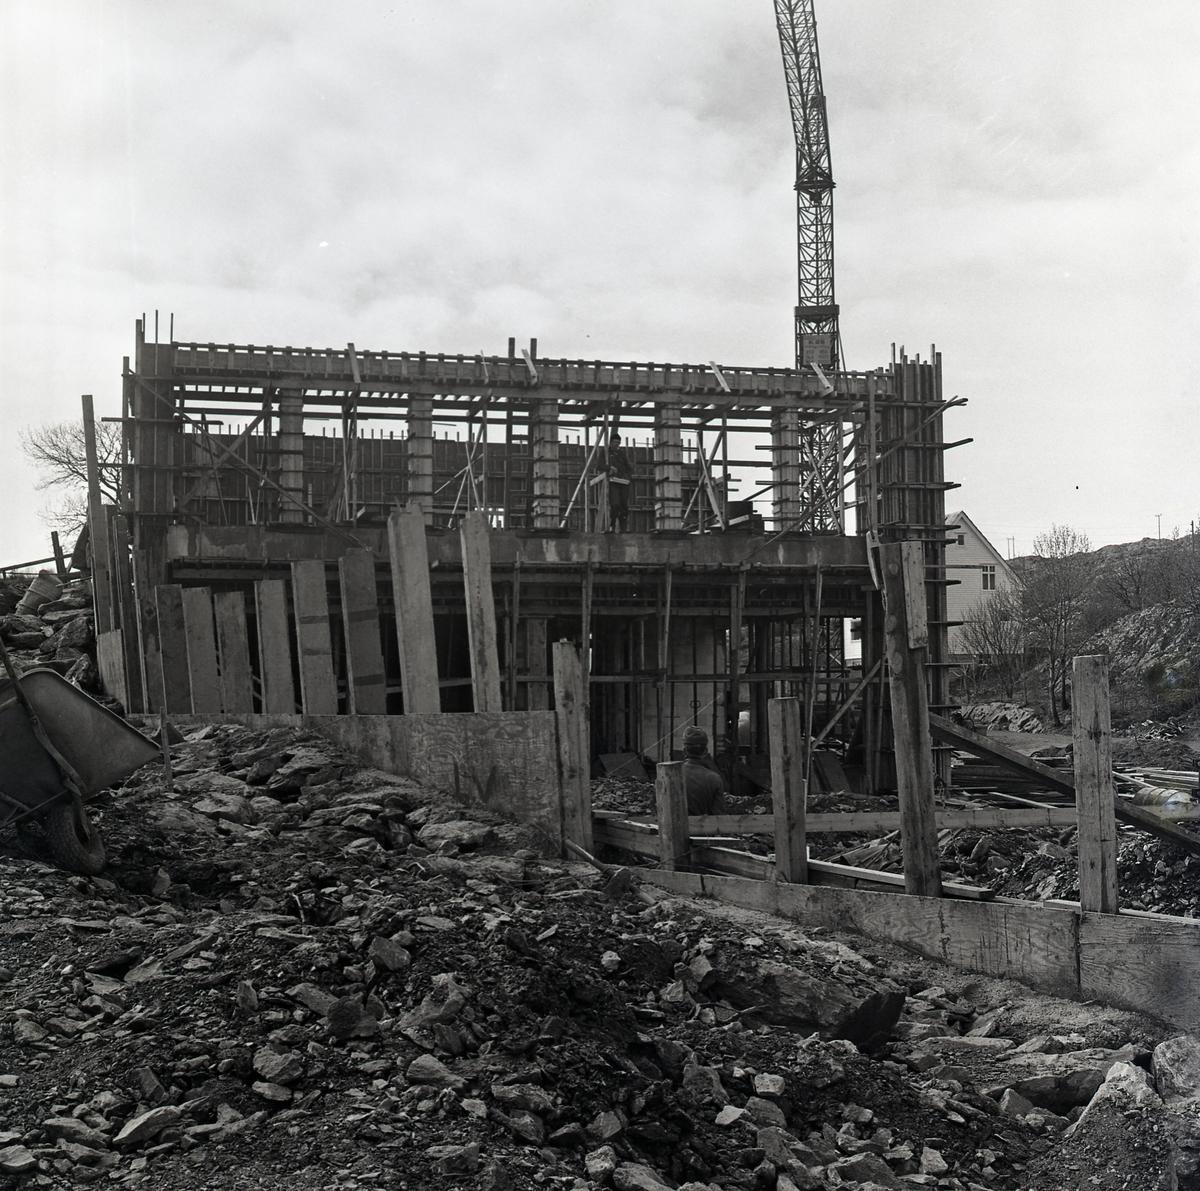 Bømlo - Langevåg - Bygging - Kirken - Kaien - Arbeidskarer.